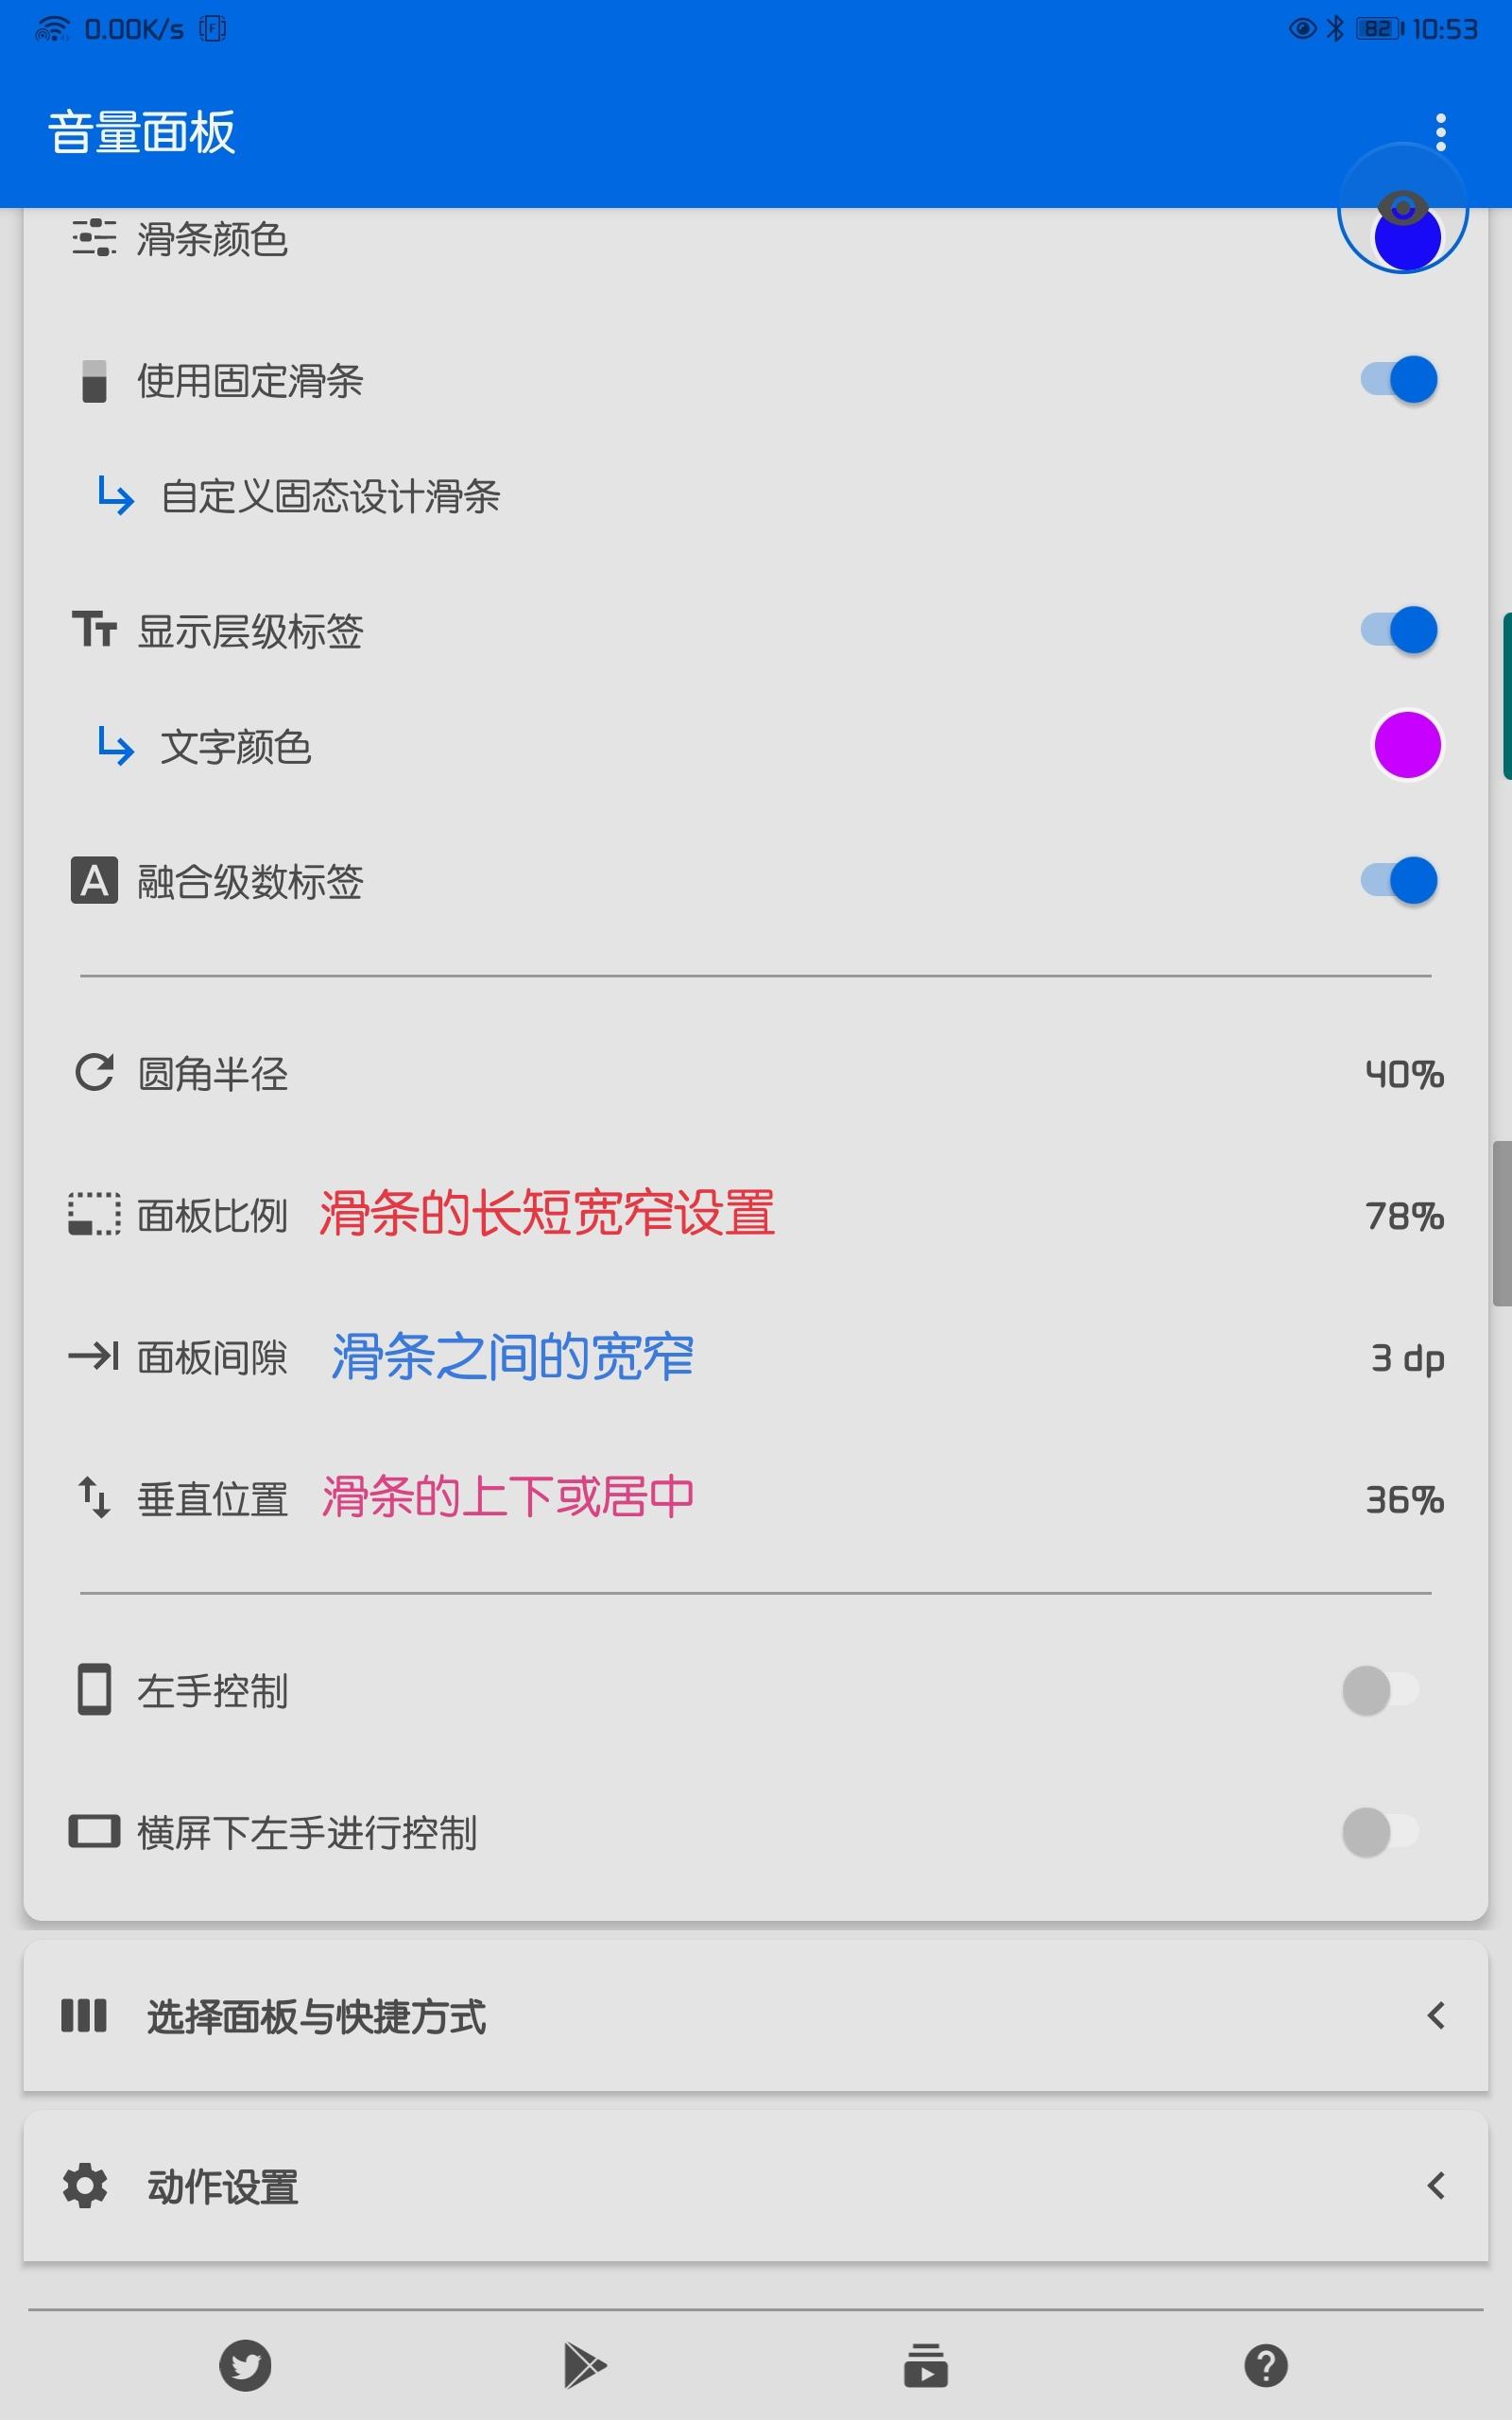 Screenshot_20200607_111336.jpg